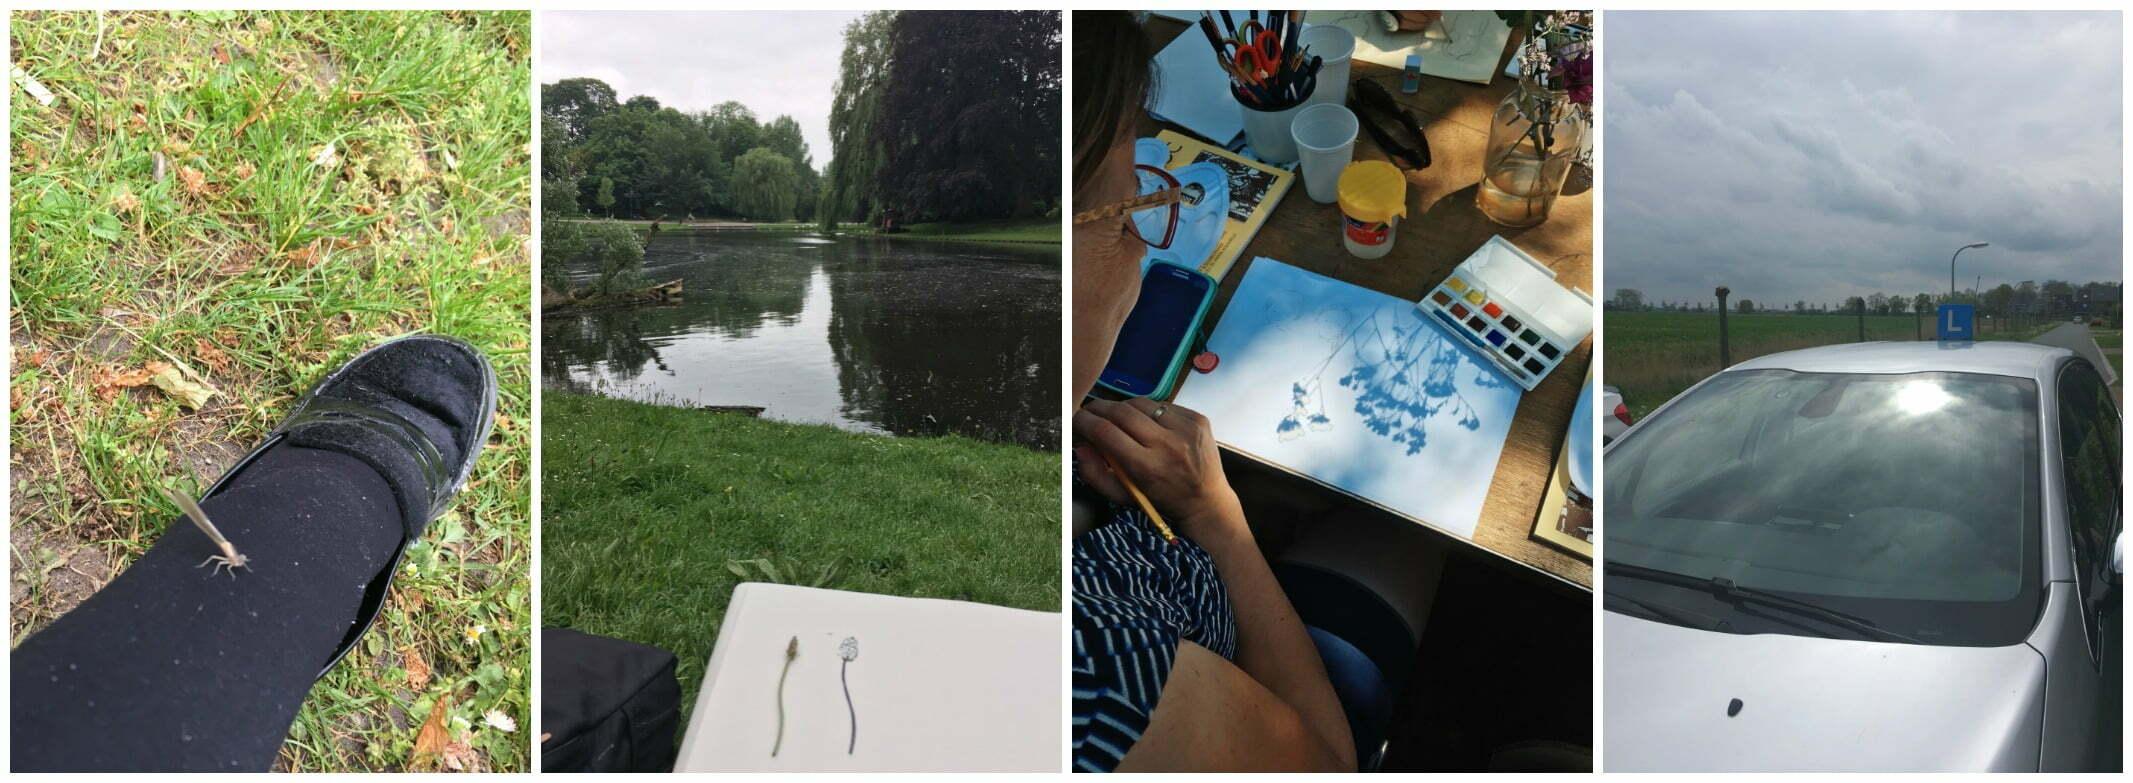 Kunstacademie blog